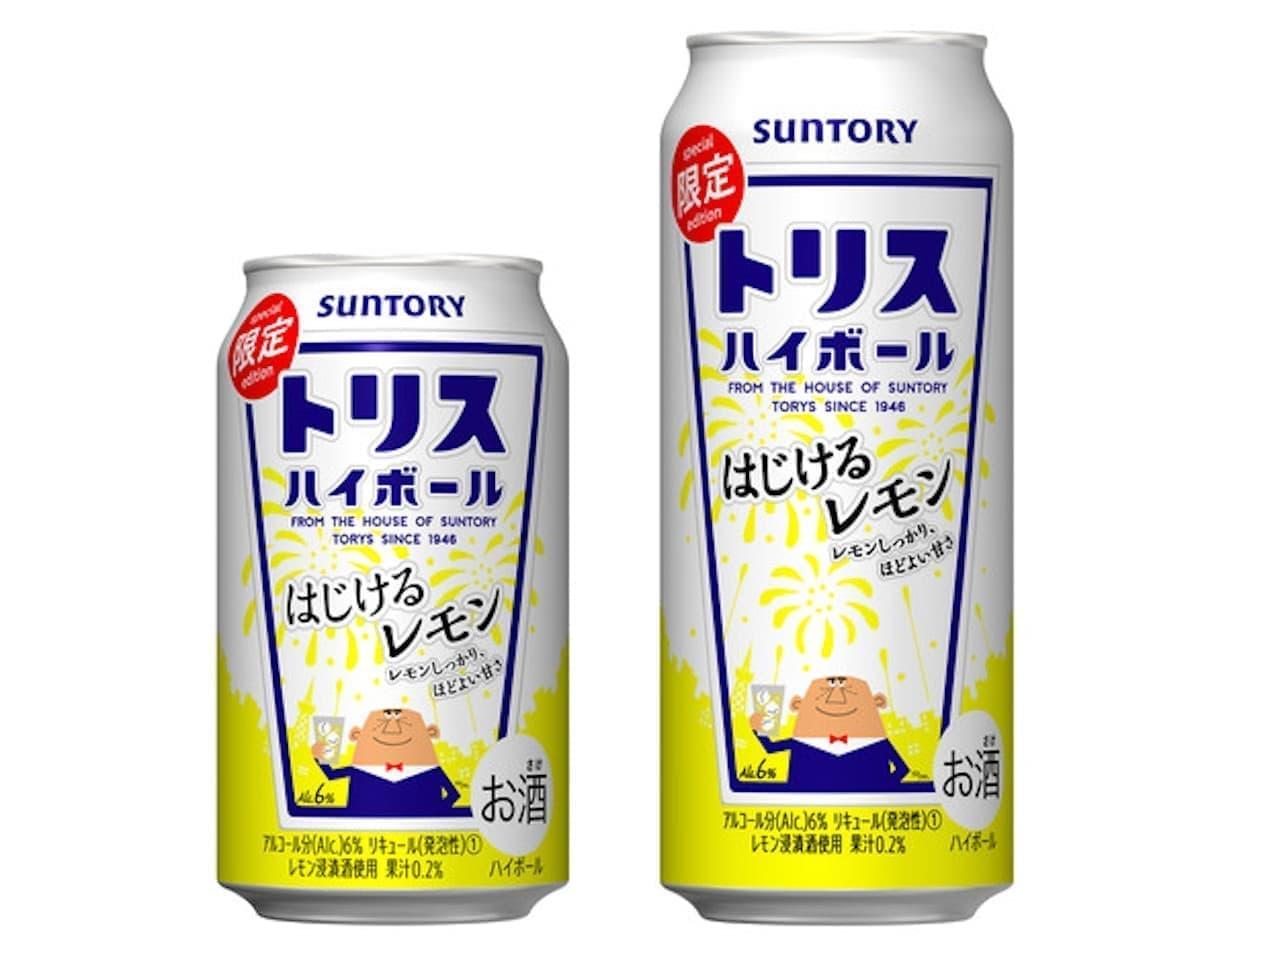 期間限定「トリスハイボール缶〈はじけるレモン〉」